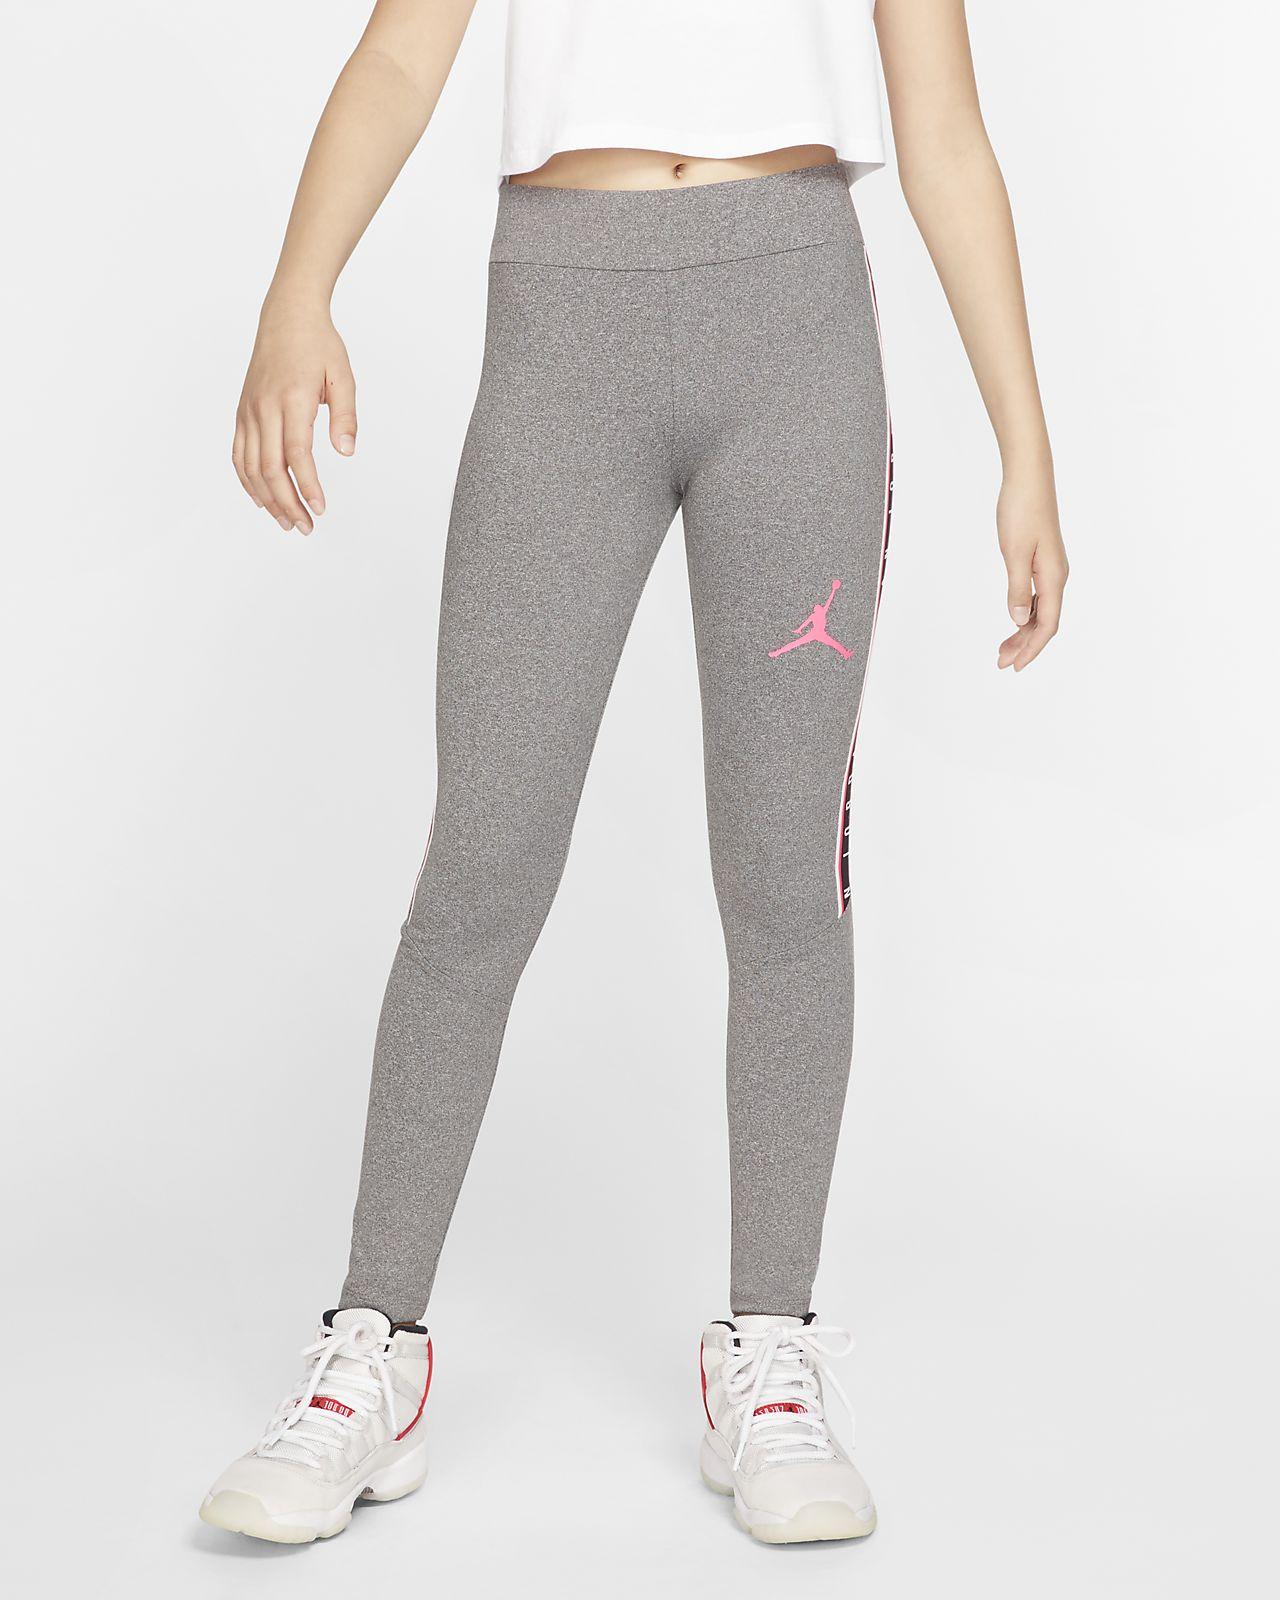 Jordan-Dri-FIT-leggings til store børn (piger)